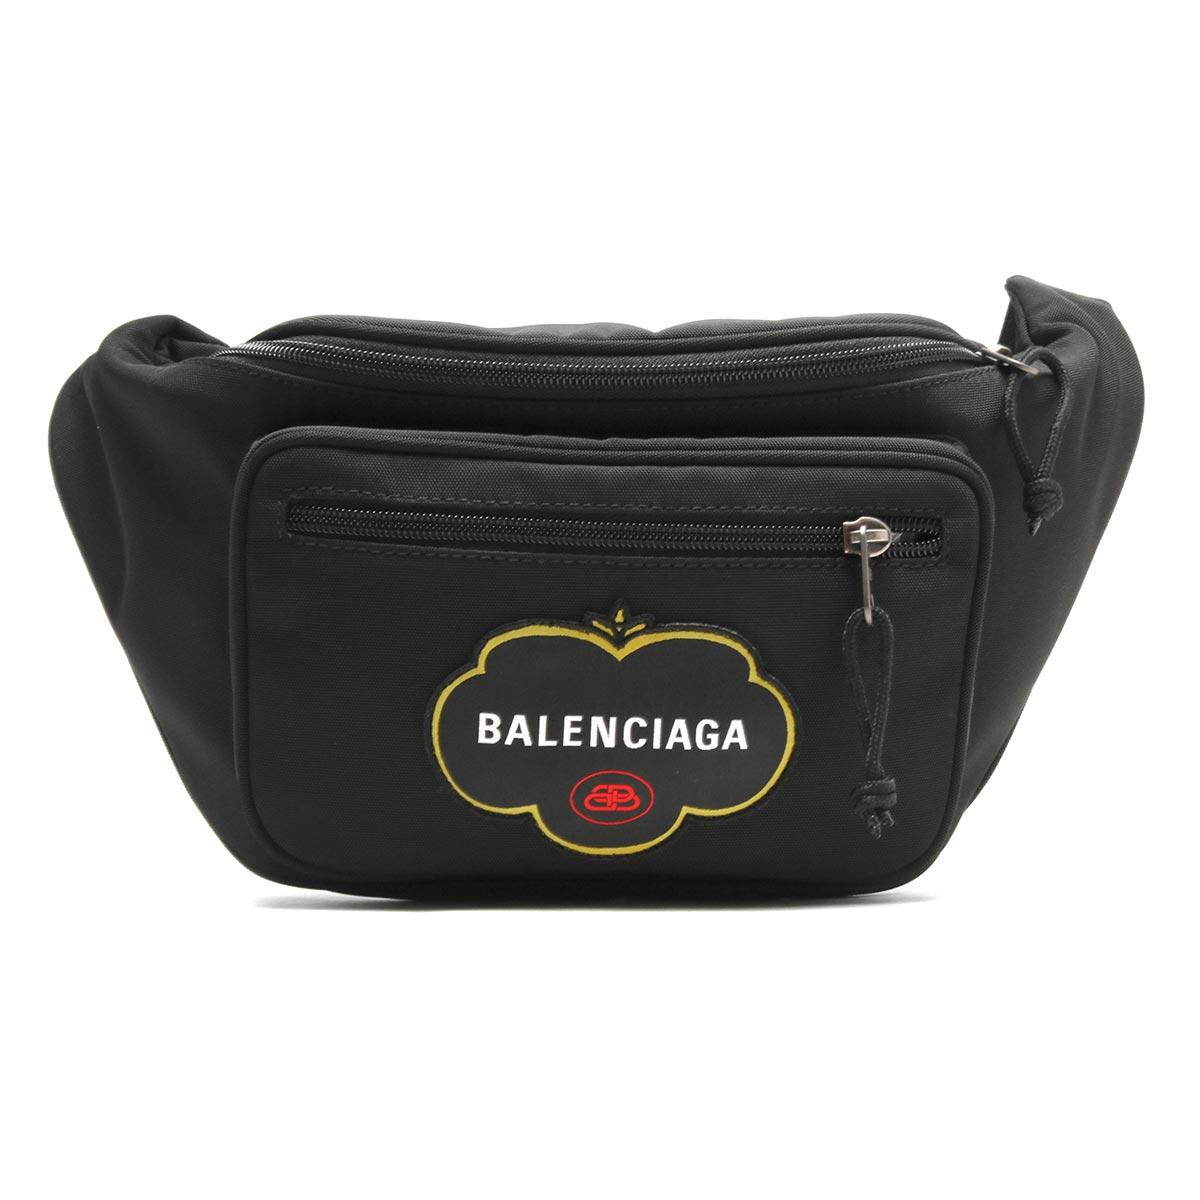 バレンシアガ ボディバッグ/ウエストバッグ/ベルトバッグ バッグ メンズ レディース エクスプローラー ブラック 482389 9WBF5 1000 BALENCIAGA